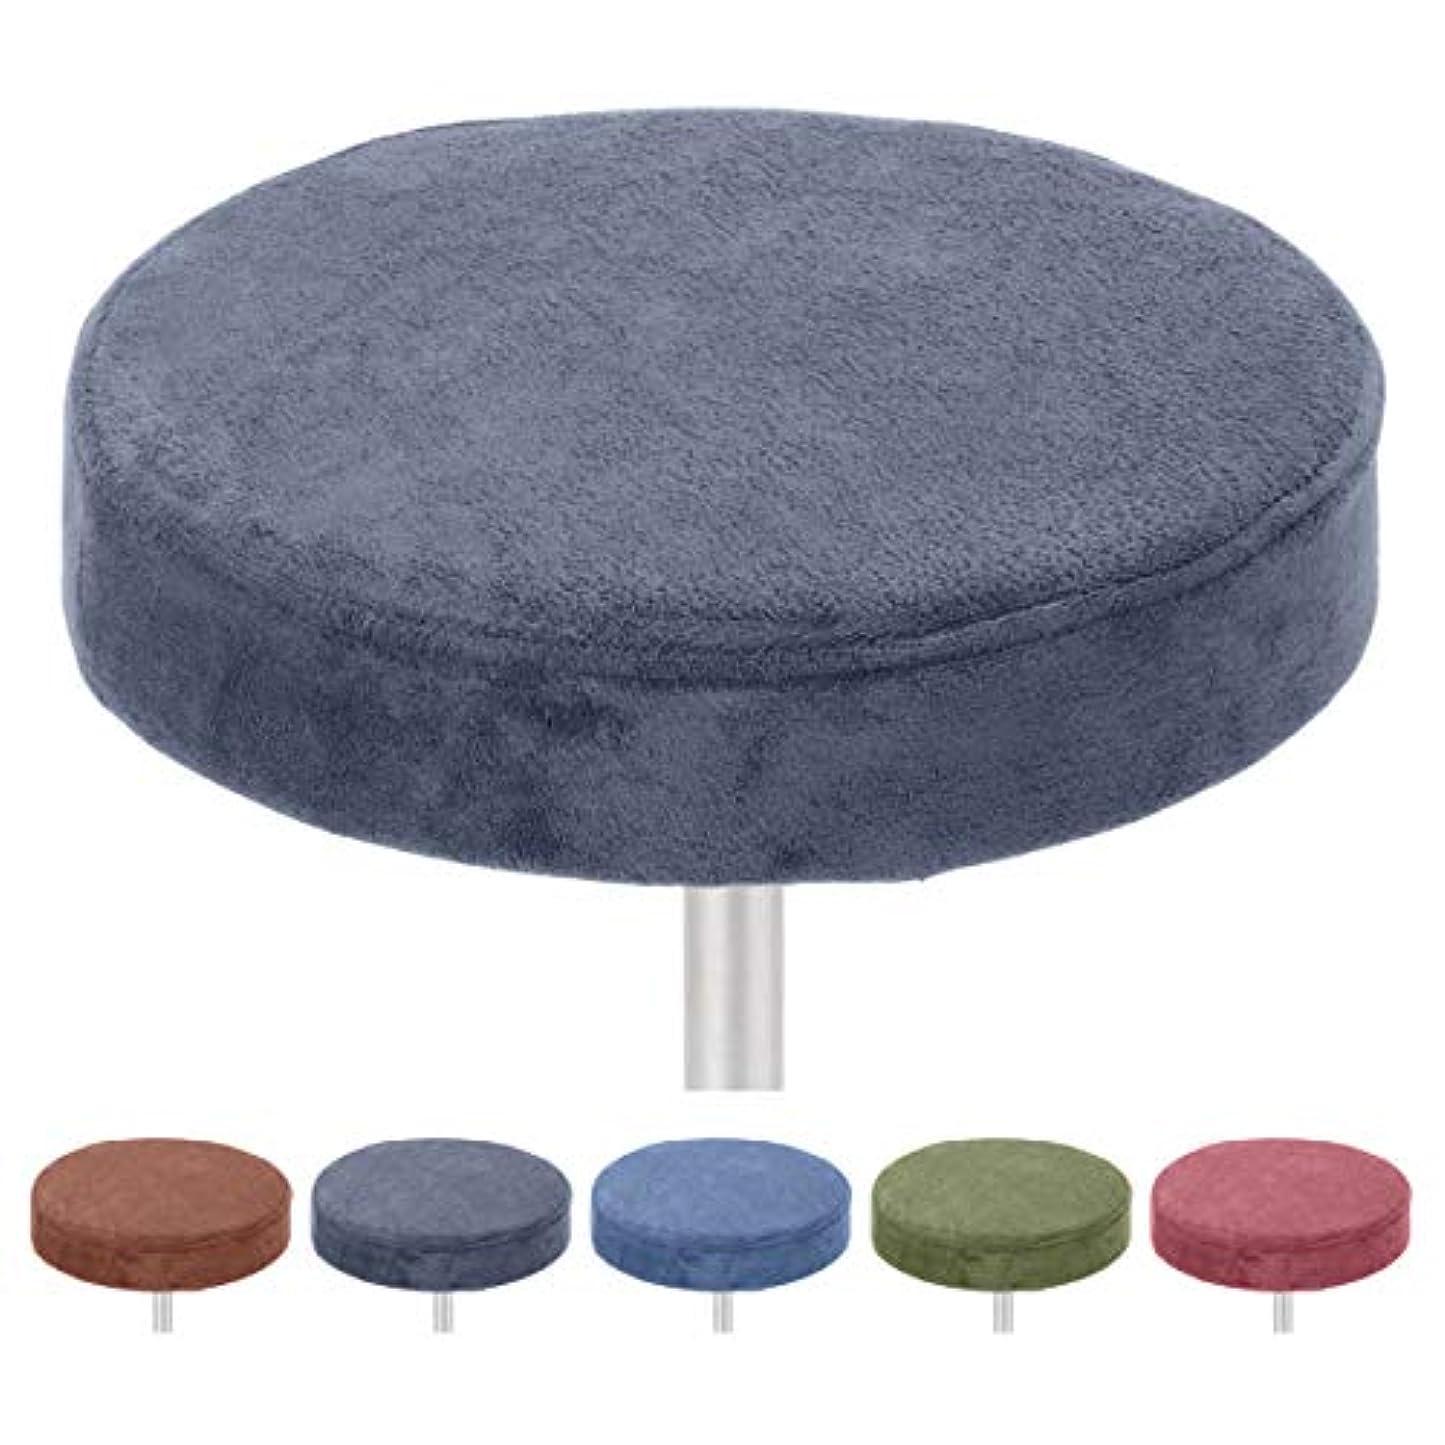 ガロン飽和する体スツールカバー(マイクロファイバー) 全5色 グレー [ スツールカバー 椅子カバー 丸椅子カバー チェアカバー スツール カバー イス 椅子 チェア ]